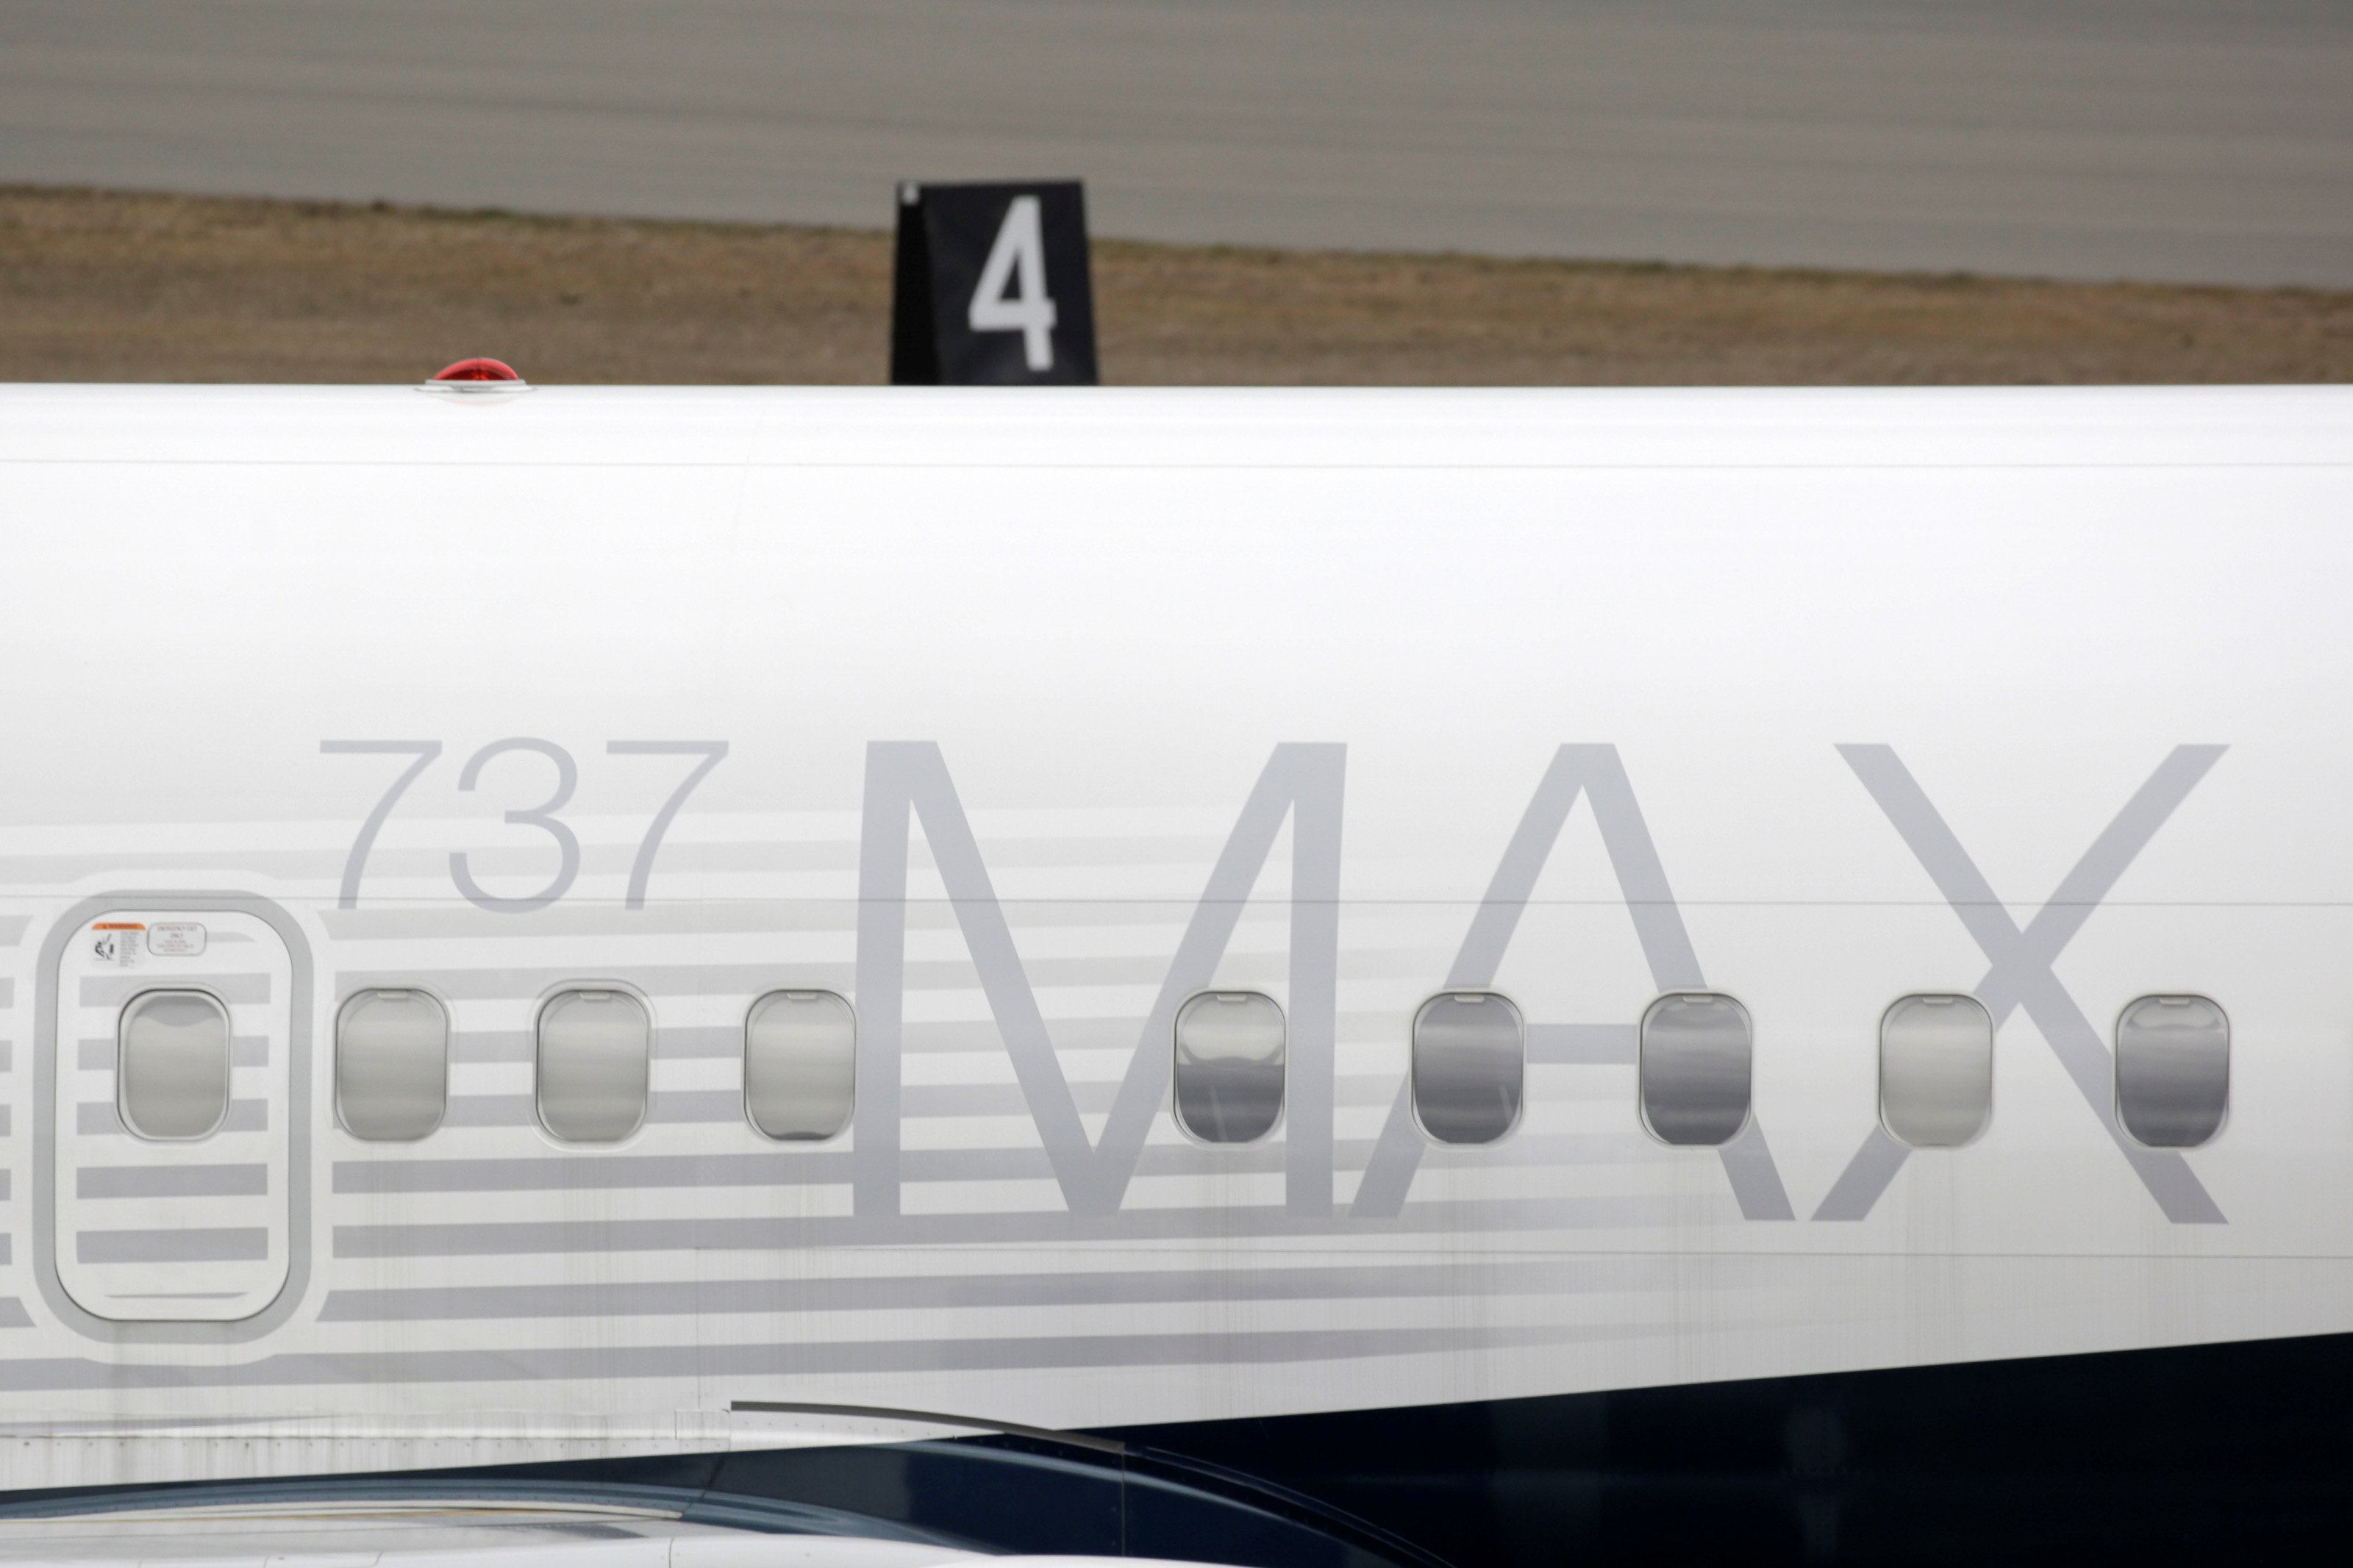 Η Boeing δοκιμάζει και πάλι τα προβληματικά 737 MAX! Συνεχίζονται οι ακυρώσεις παραγγελιών